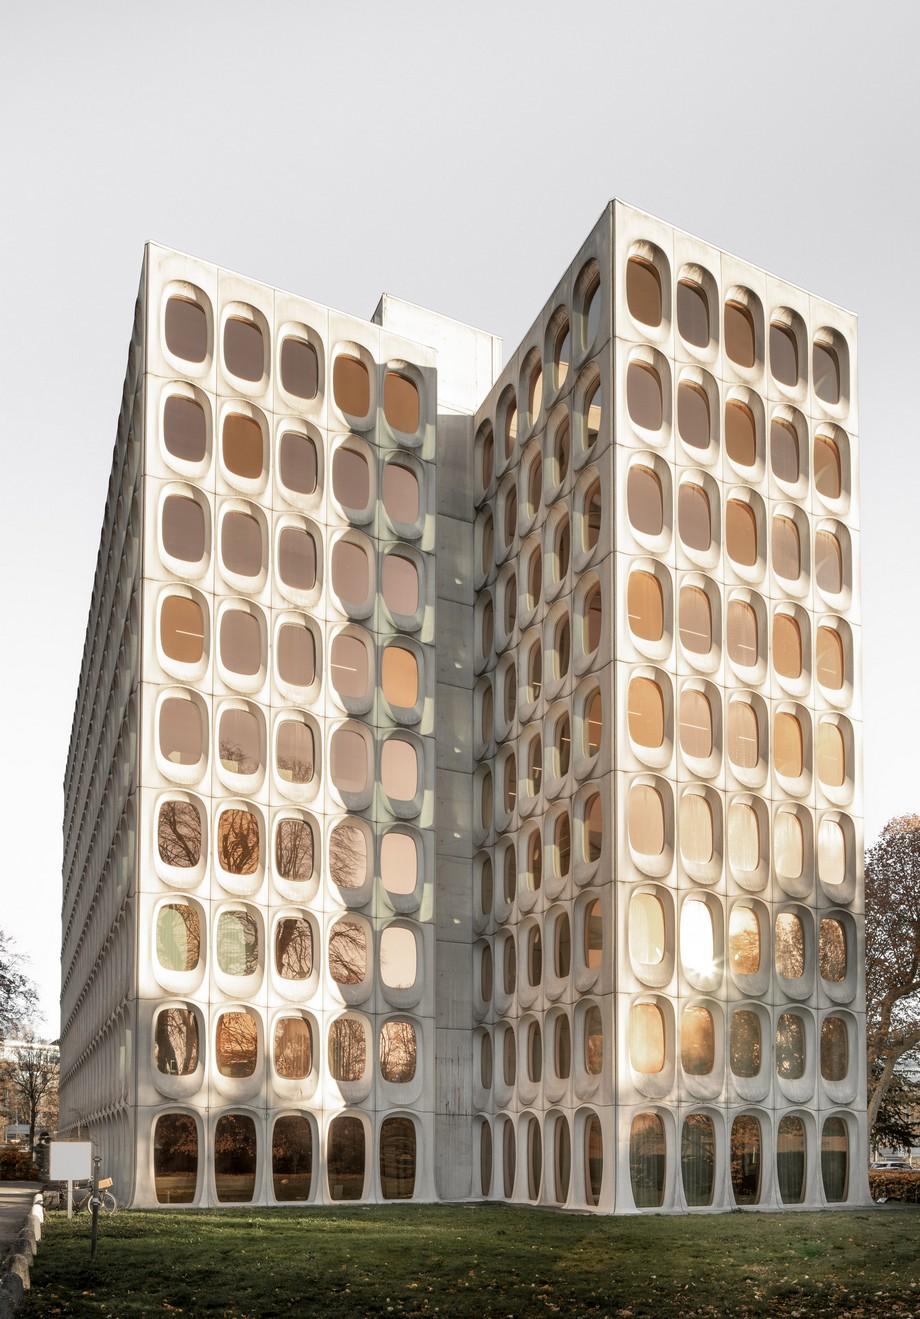 Dự án coworking space Fosbury & Son-Không gian làm việc chung độc đáo với 756 ô cửa hình bầu dục